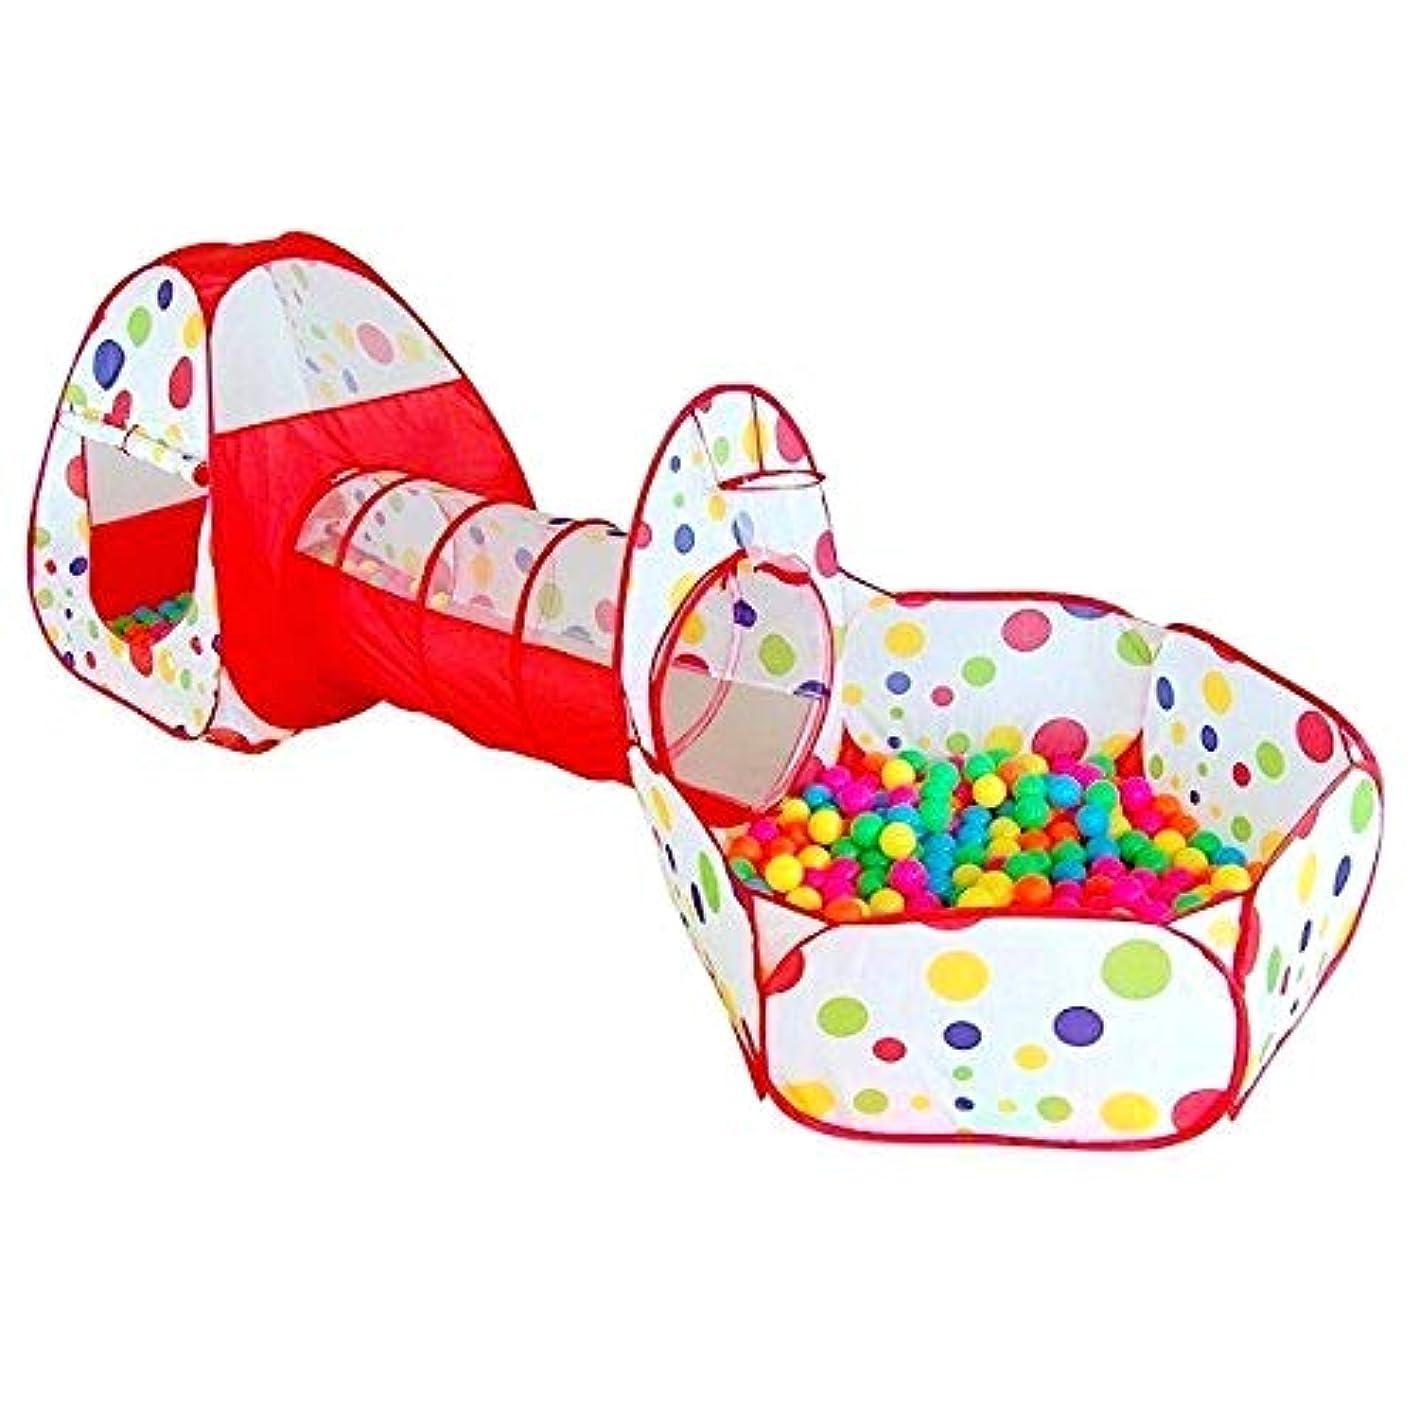 空のただやる算術Actnow 子供用テント 3点セット トンネル 折り畳み式 キッズテント ボールプール 女の子 バスケットネット 収納バッグ付き 男の子 お誕生日 出産祝いのプレゼント